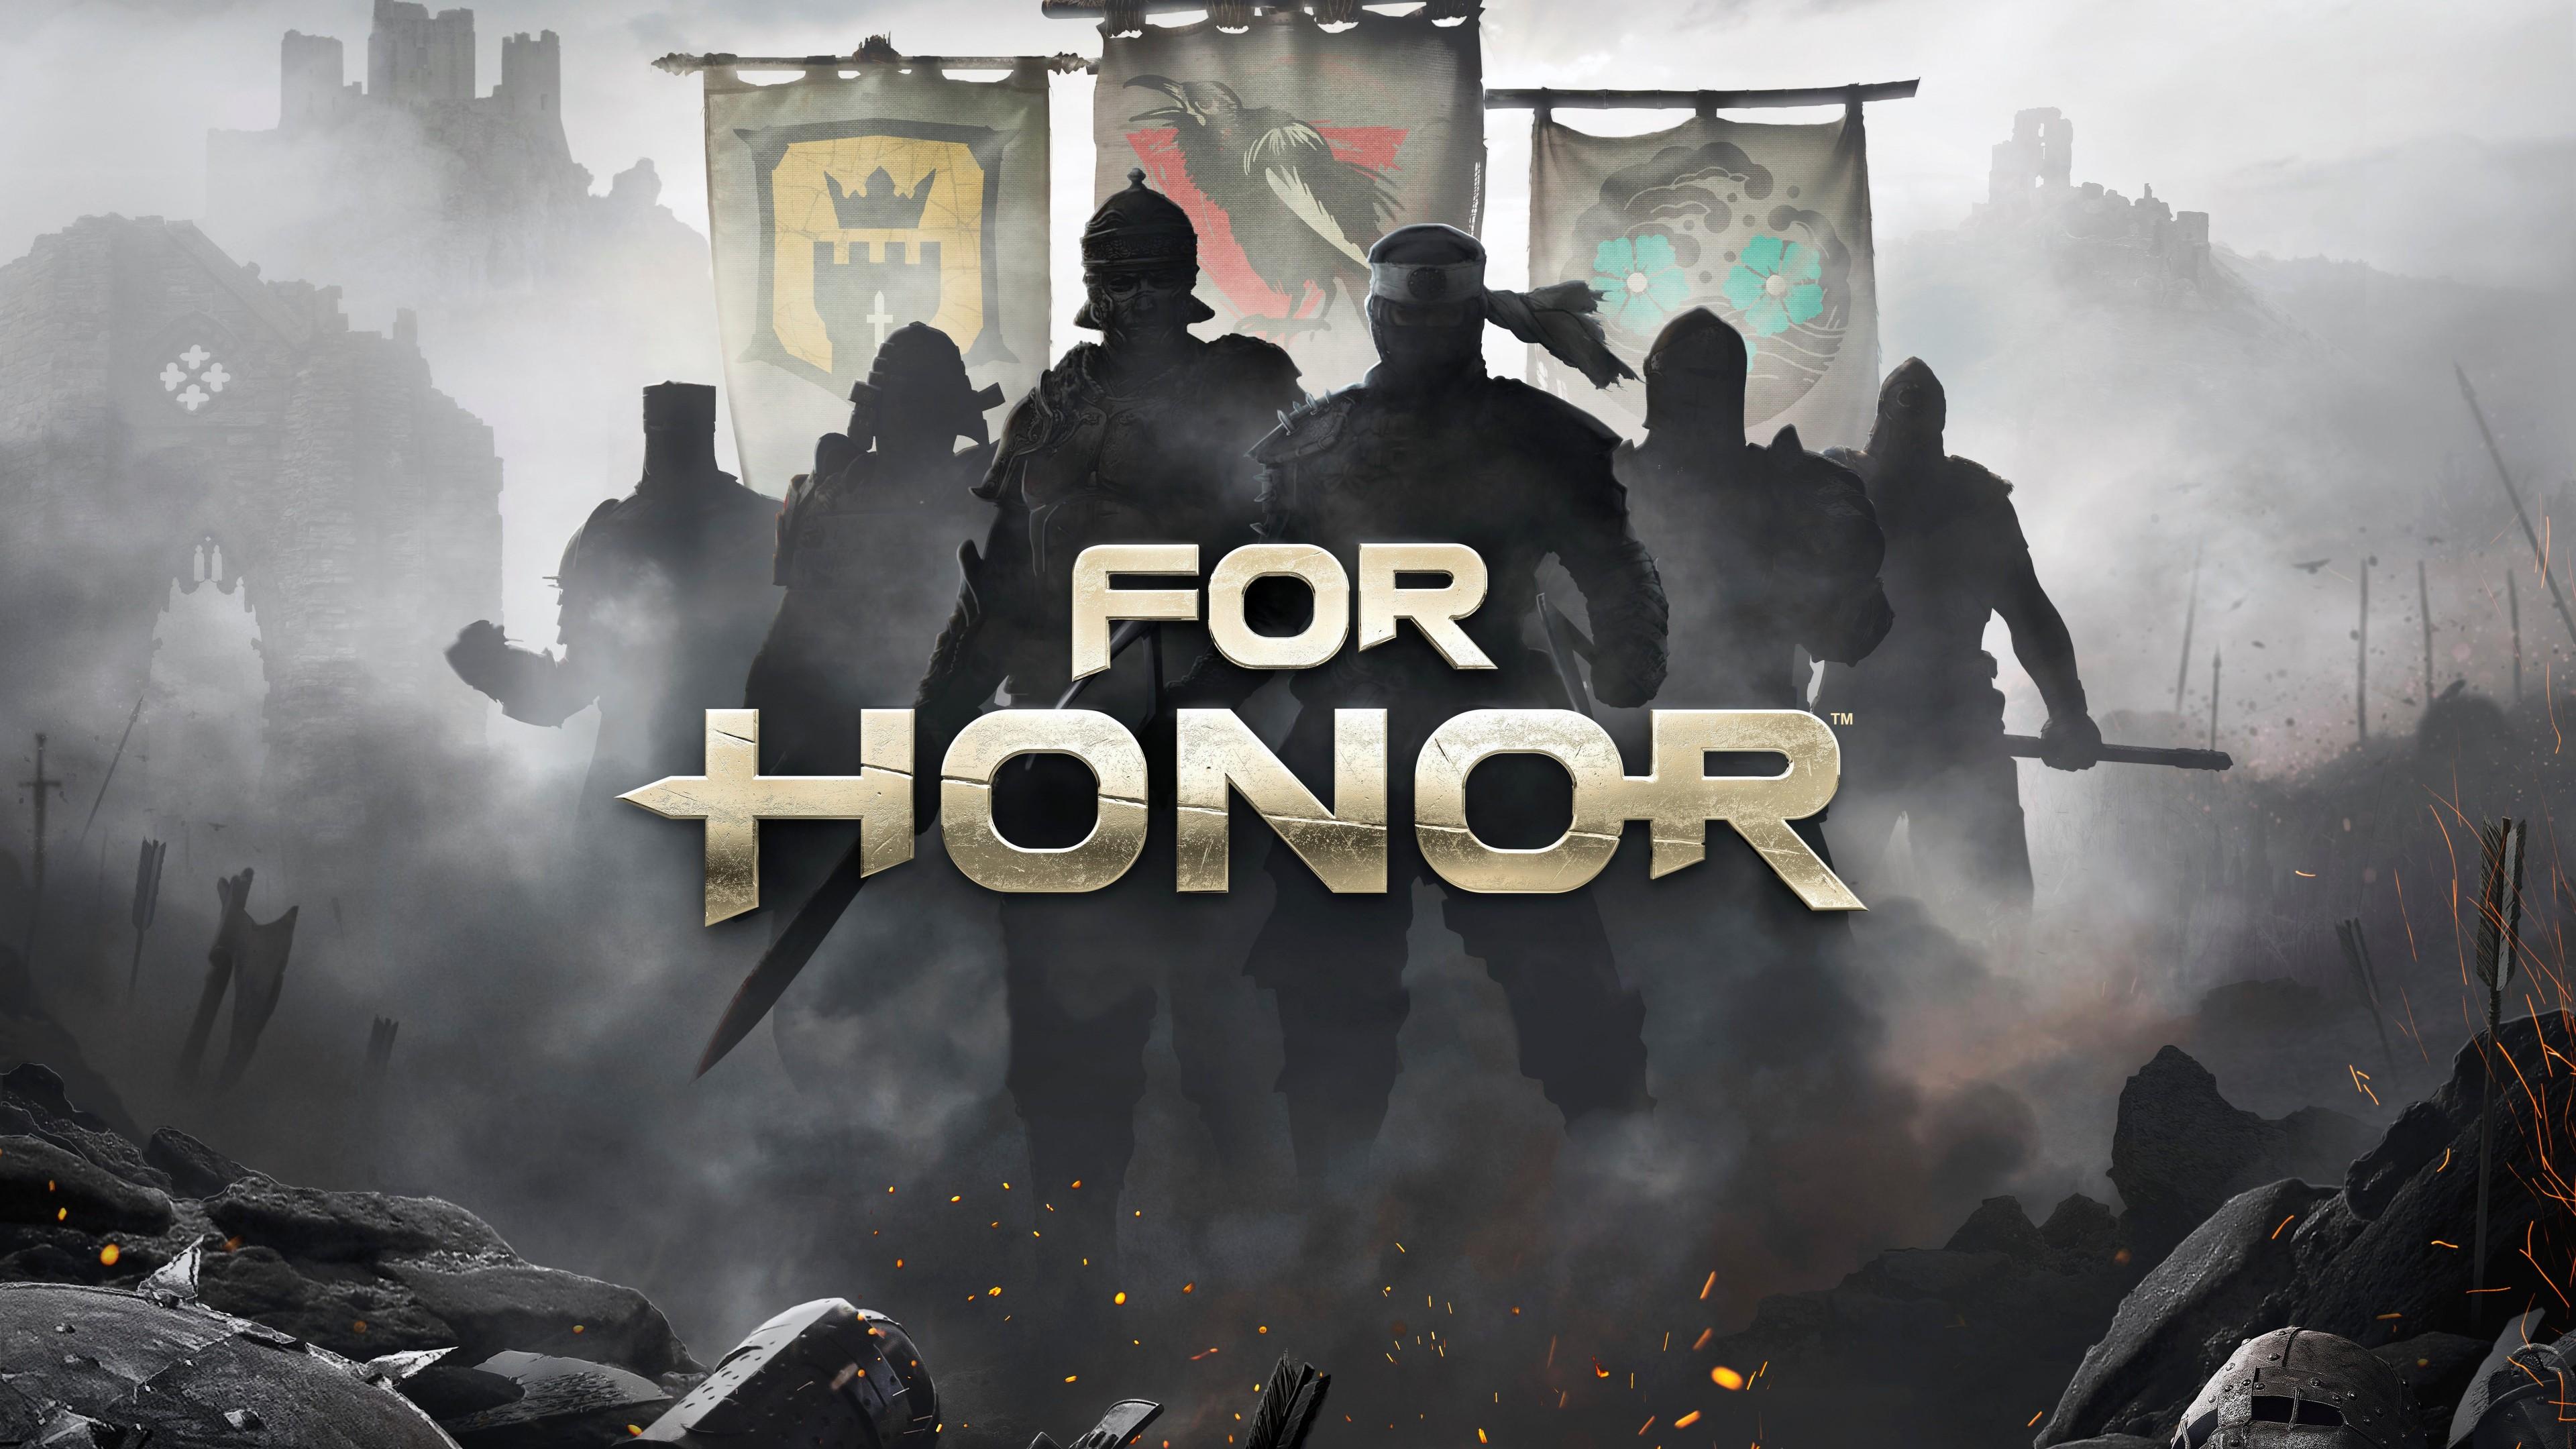 Выбор персонажей-Рыцарь,Викинг,Самурай для компьютерных игр